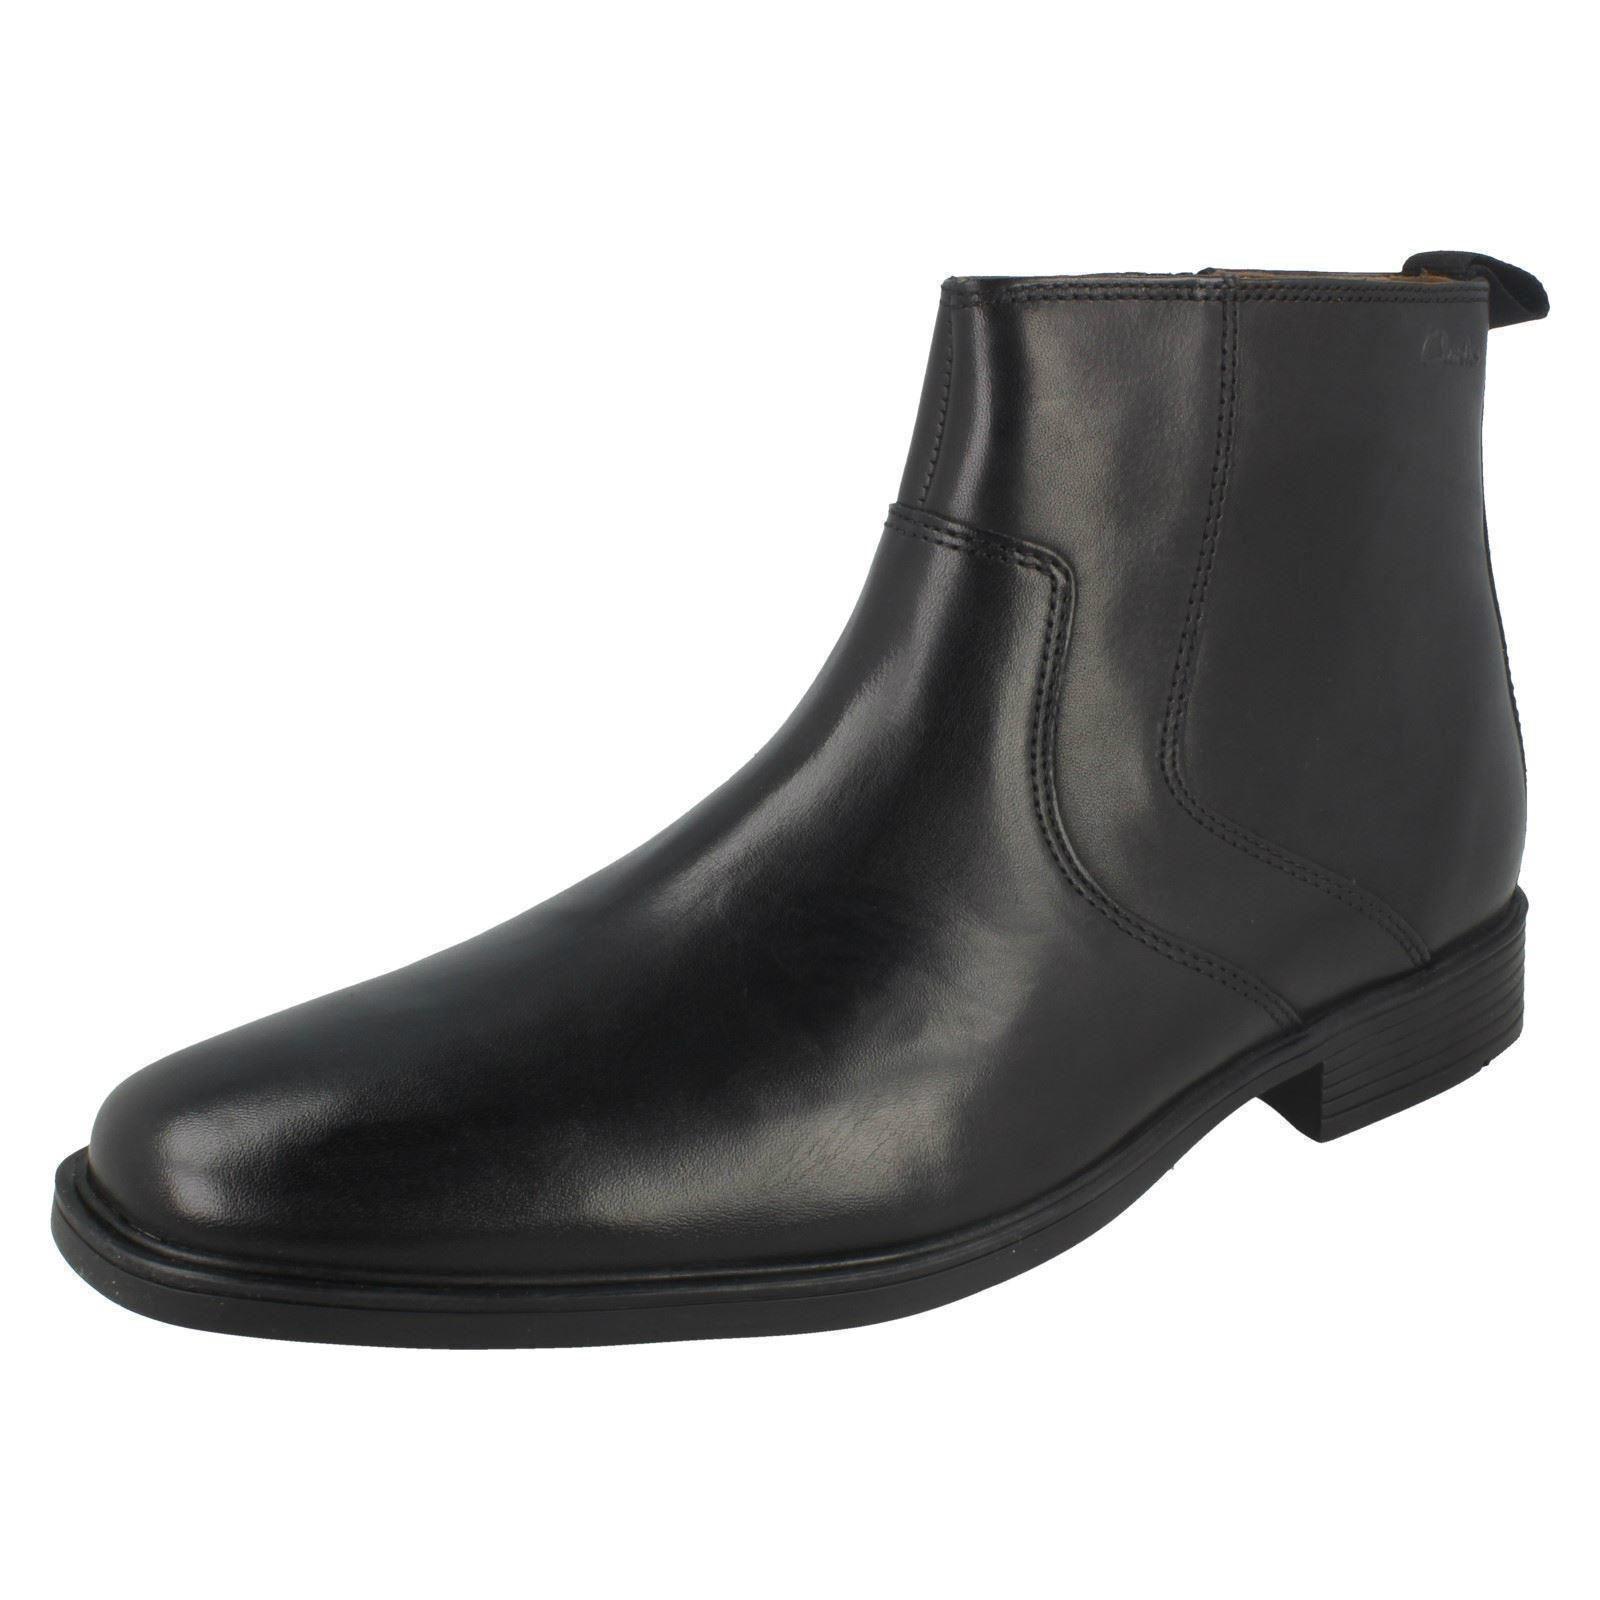 Para hombres Cuero Negro Clarks Tilden Cremallera Inteligente botas Zip Up